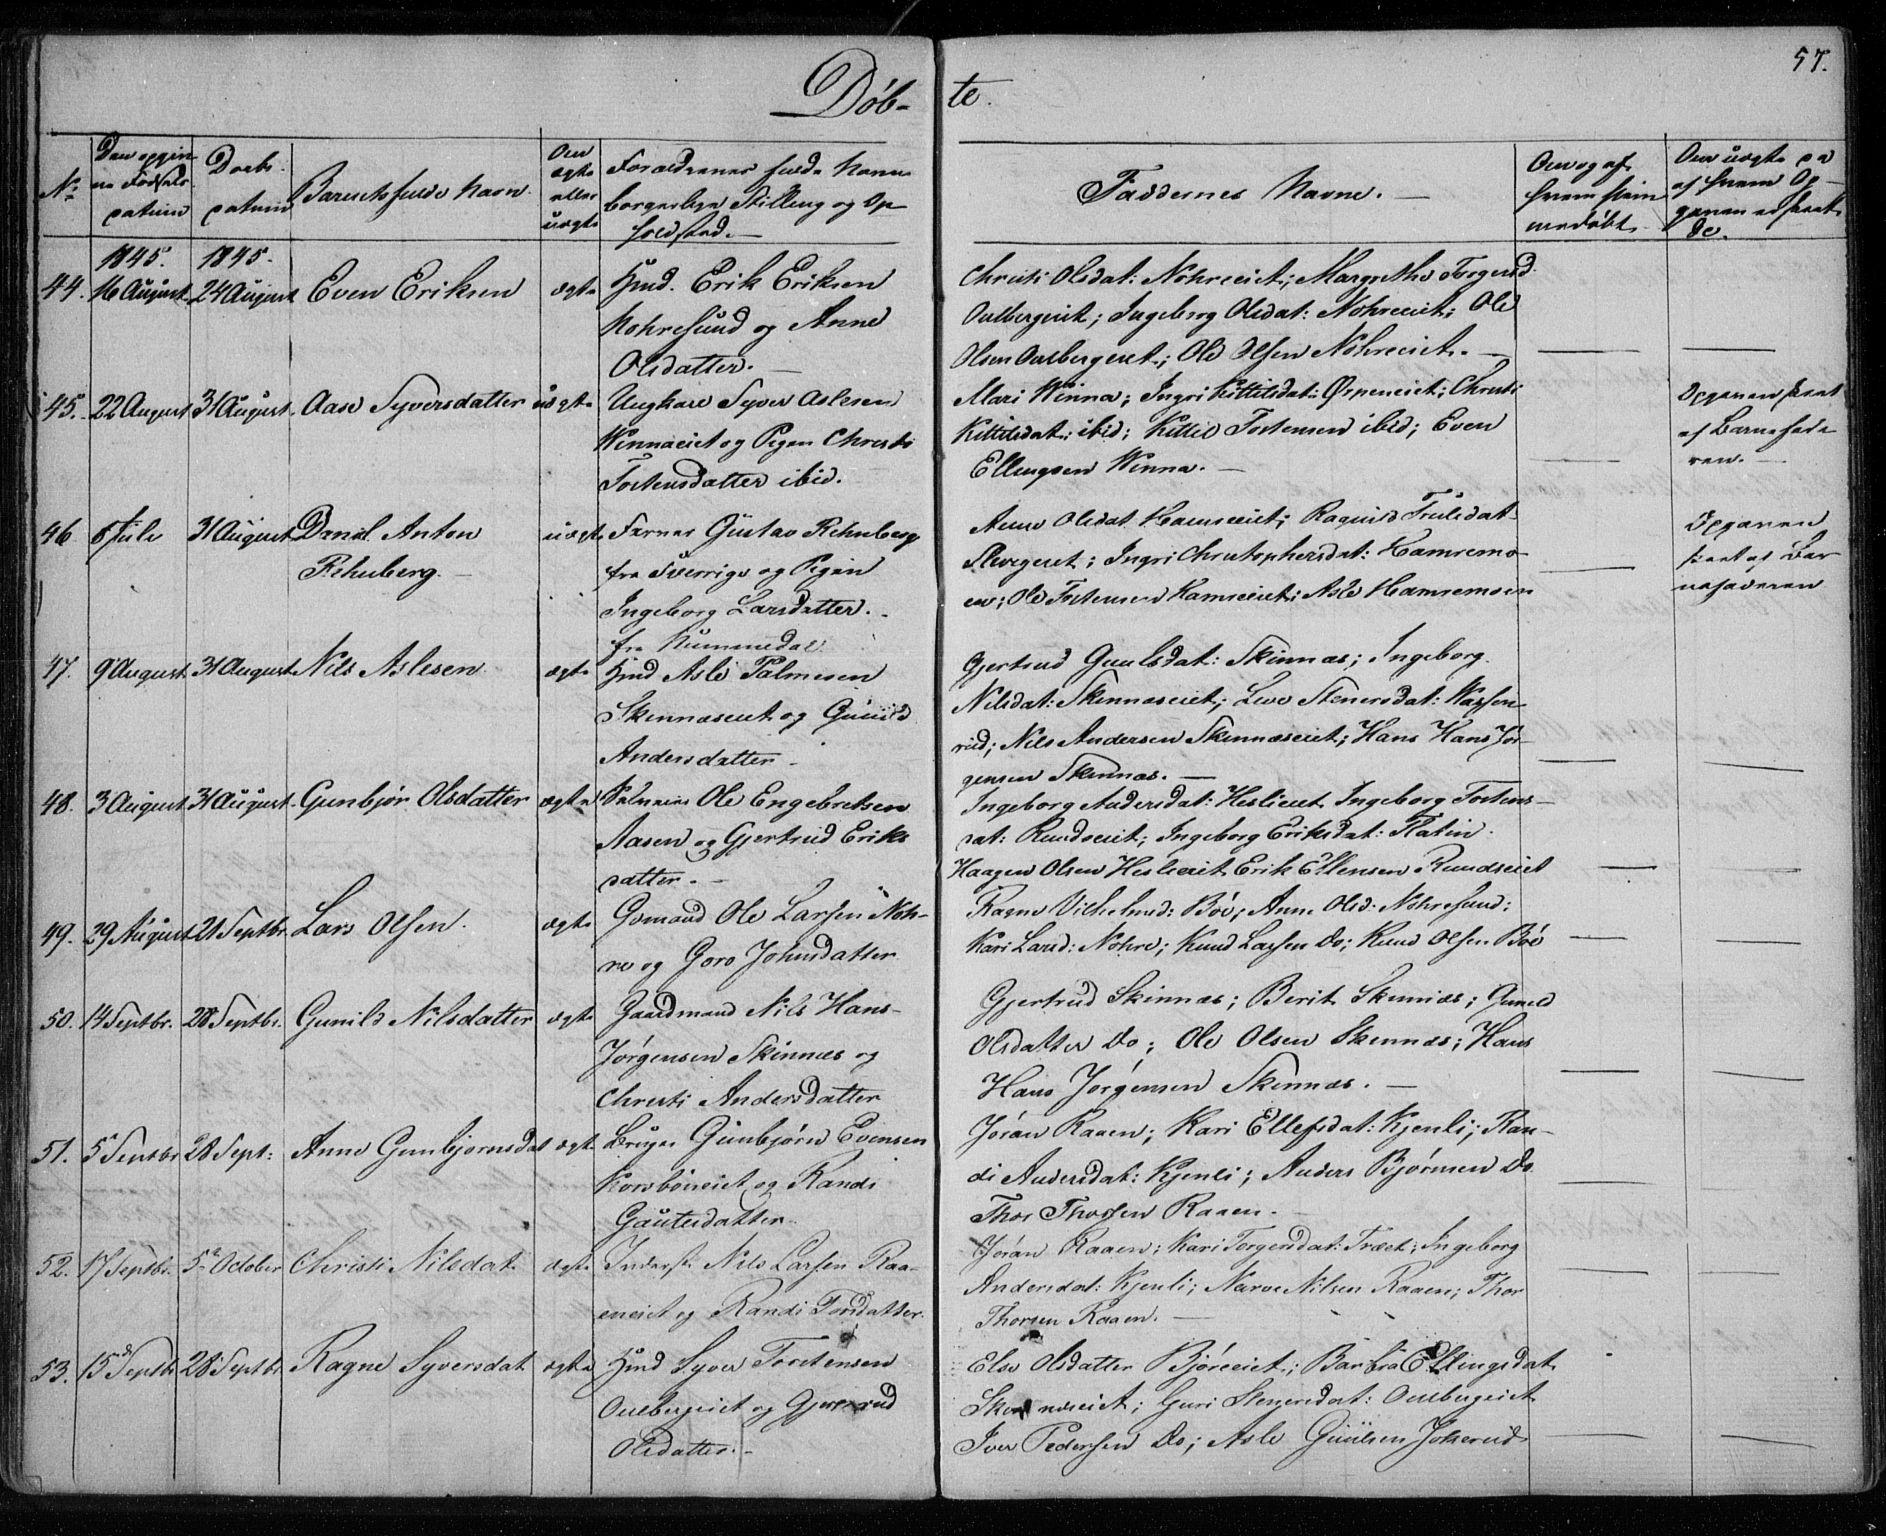 SAKO, Krødsherad kirkebøker, F/Fa/L0002: Ministerialbok nr. 2, 1829-1851, s. 57